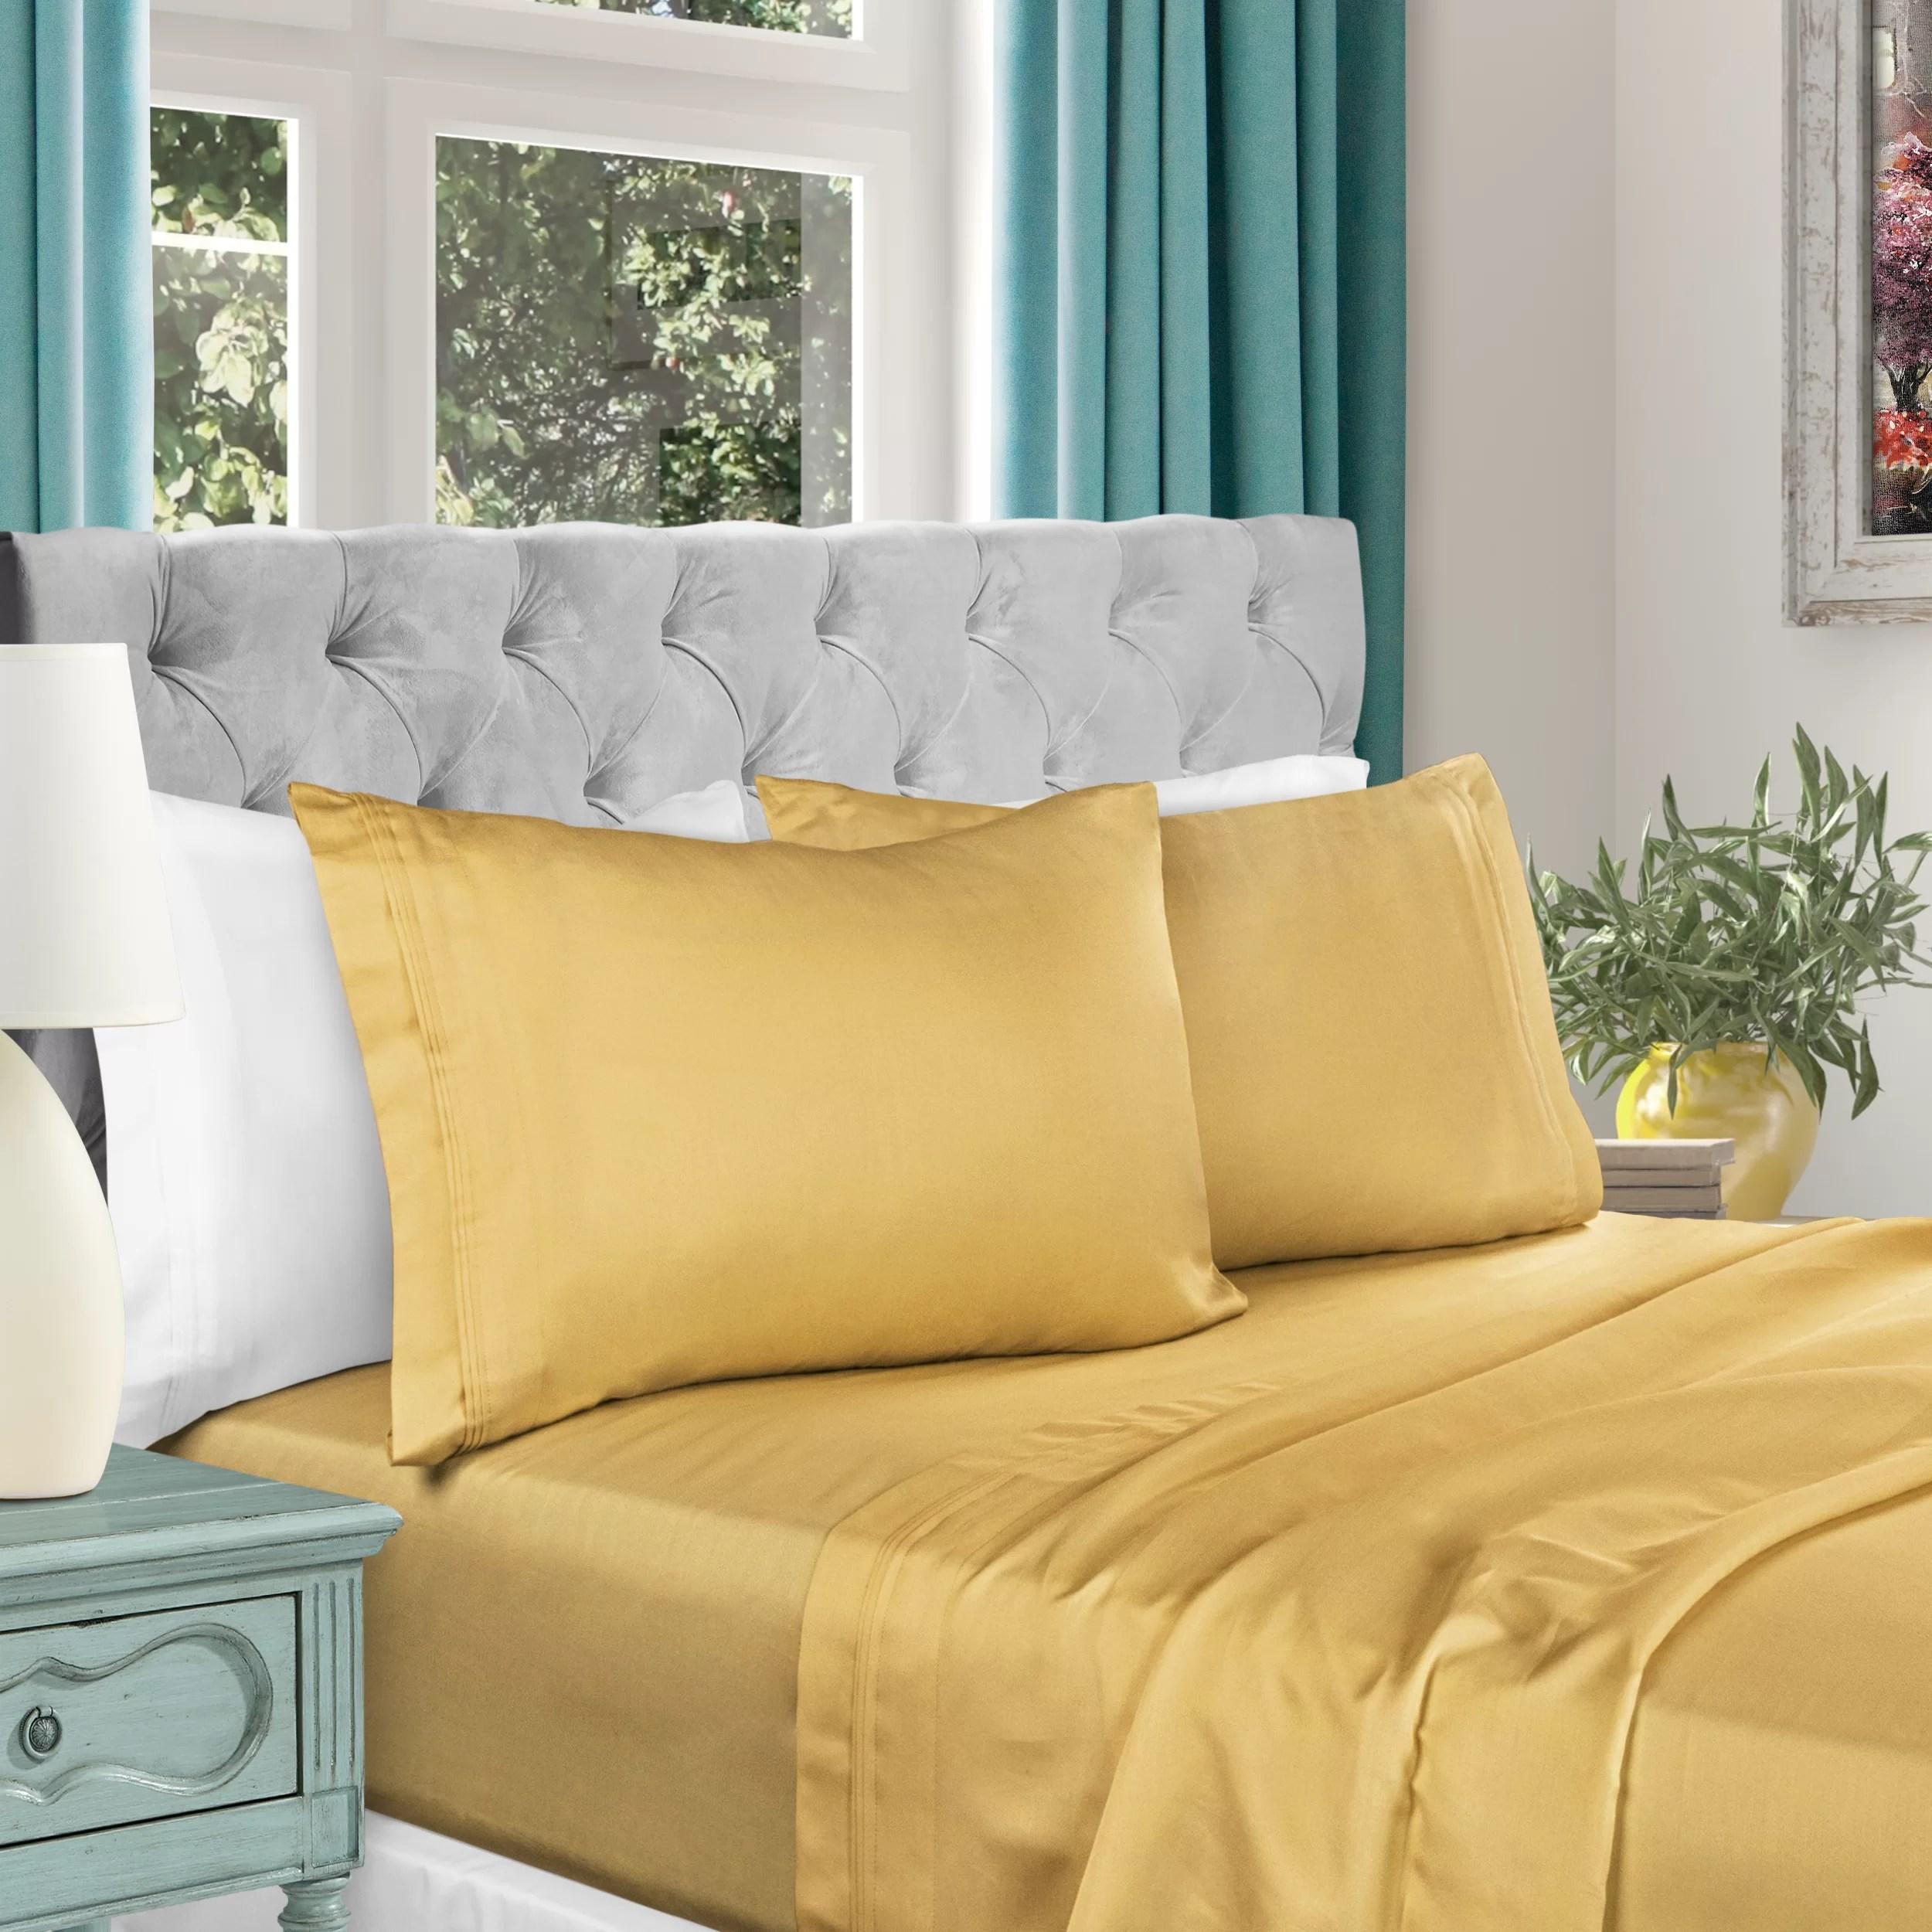 sets yellow gold sheets pillowcases